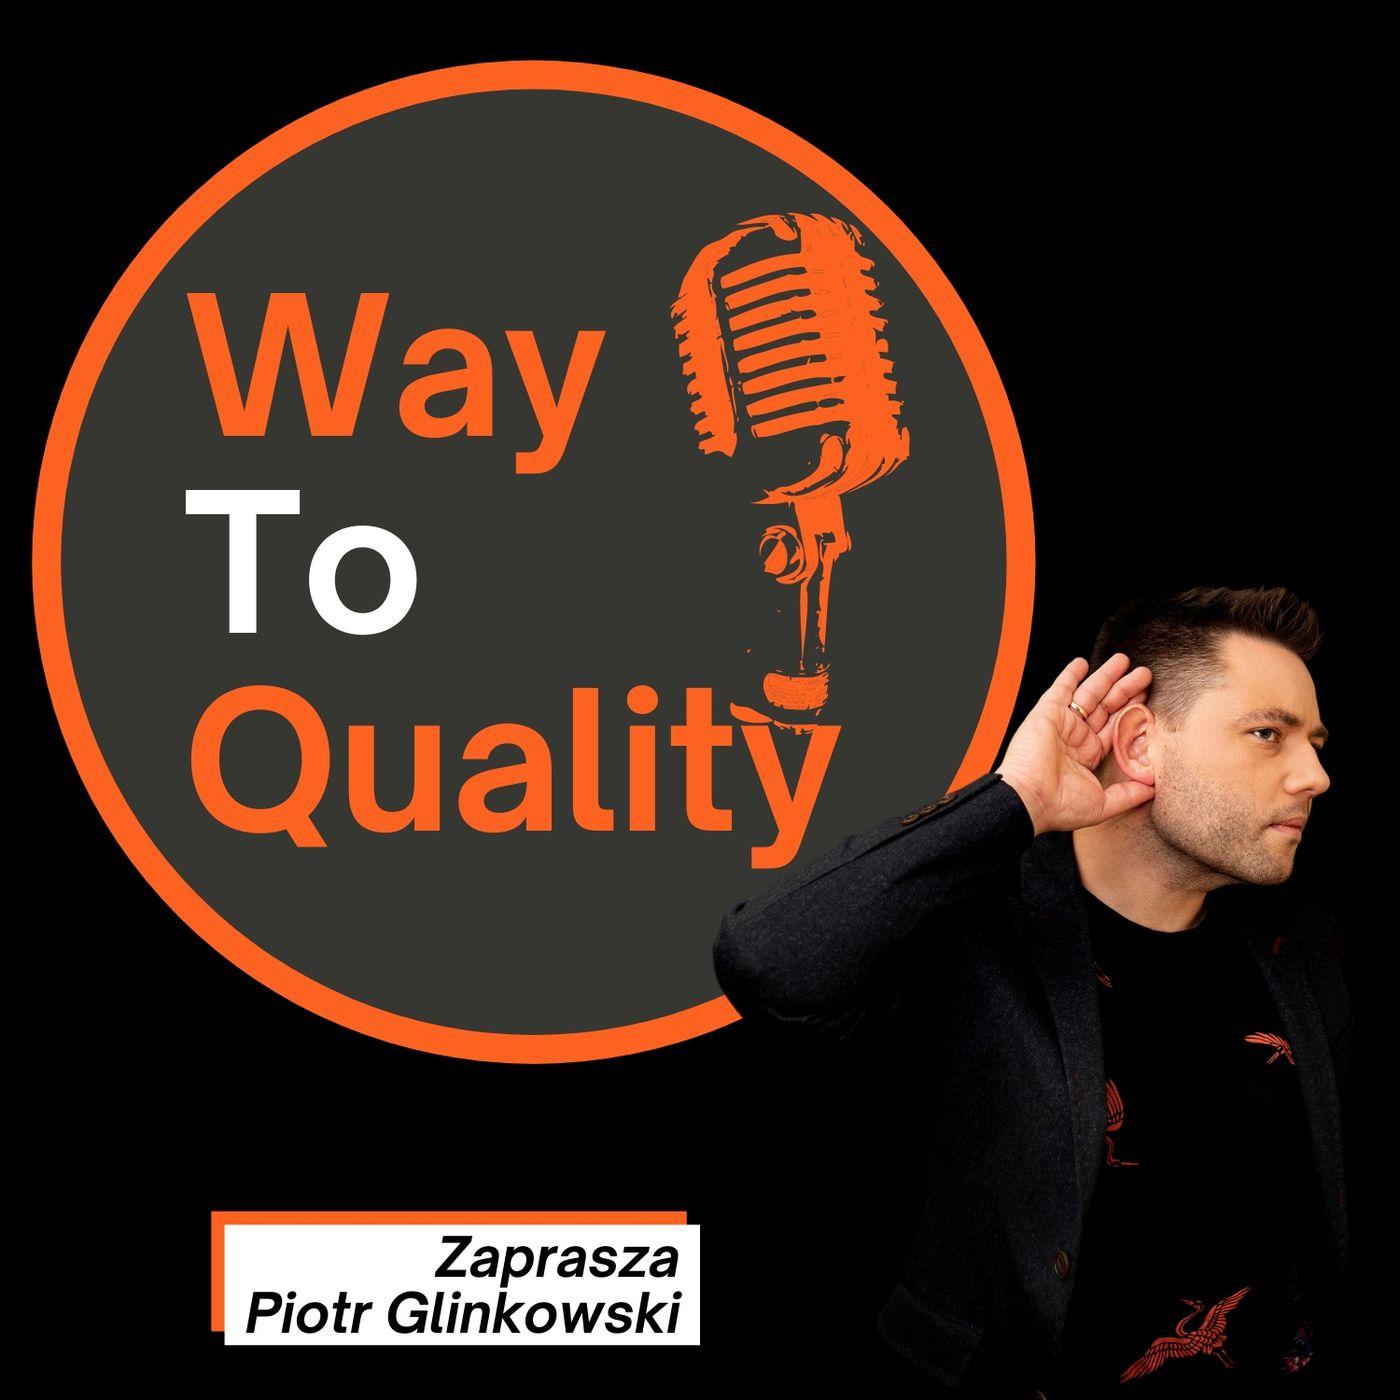 Znajdź niszę i zostań ekspertem! Dowiedz się od twórcy kultowego podcastu Mała Wielka Firma jak zbudować silną markę SMT odc.10